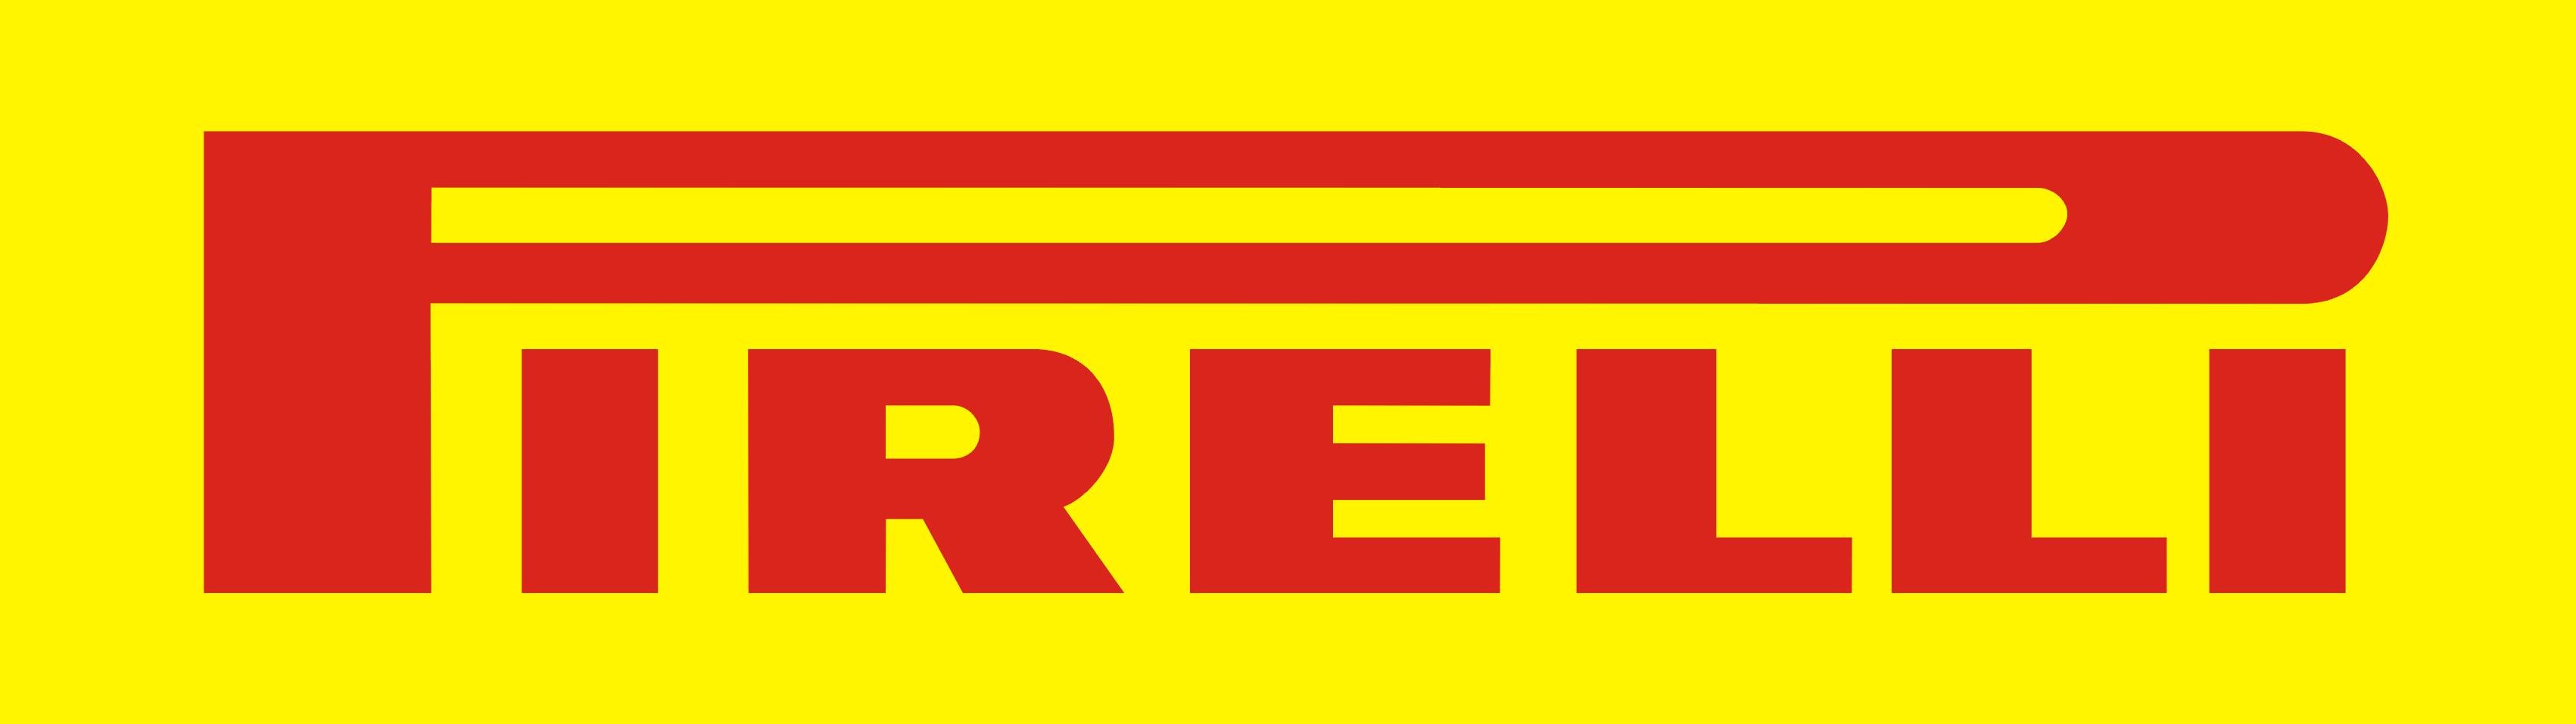 done Pirelli-logo-3840x2160